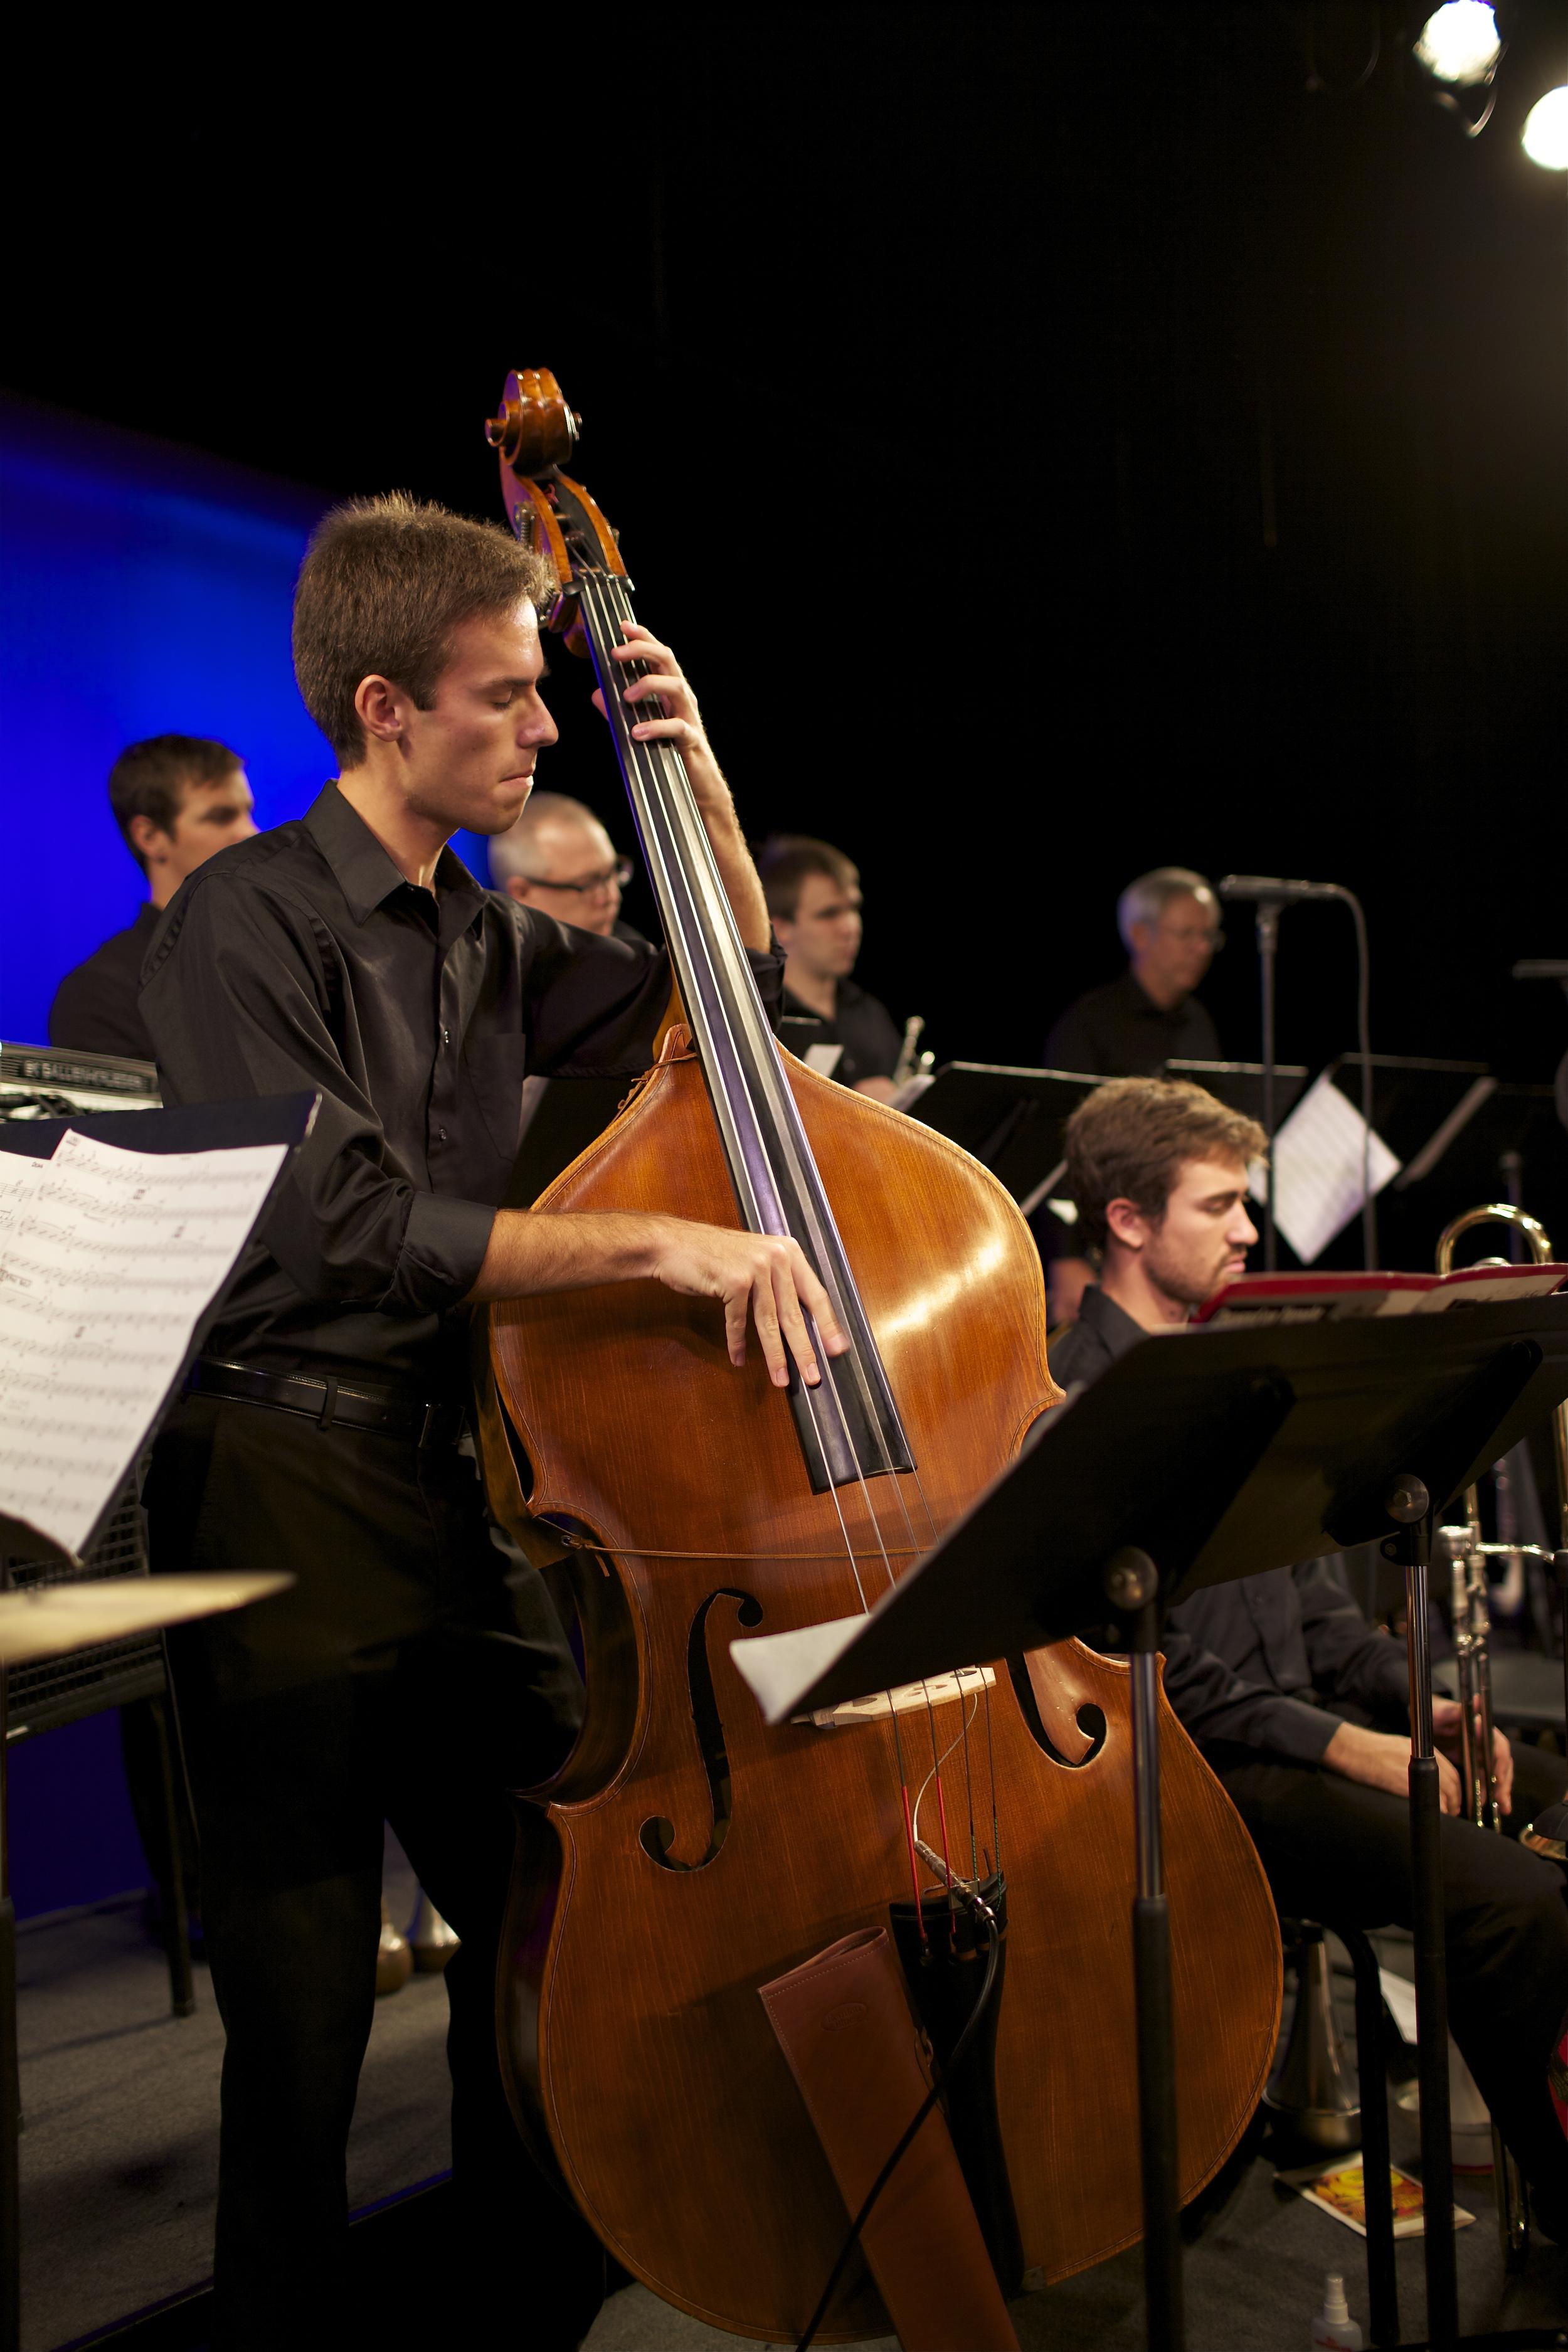 Brian Thorsen, bass